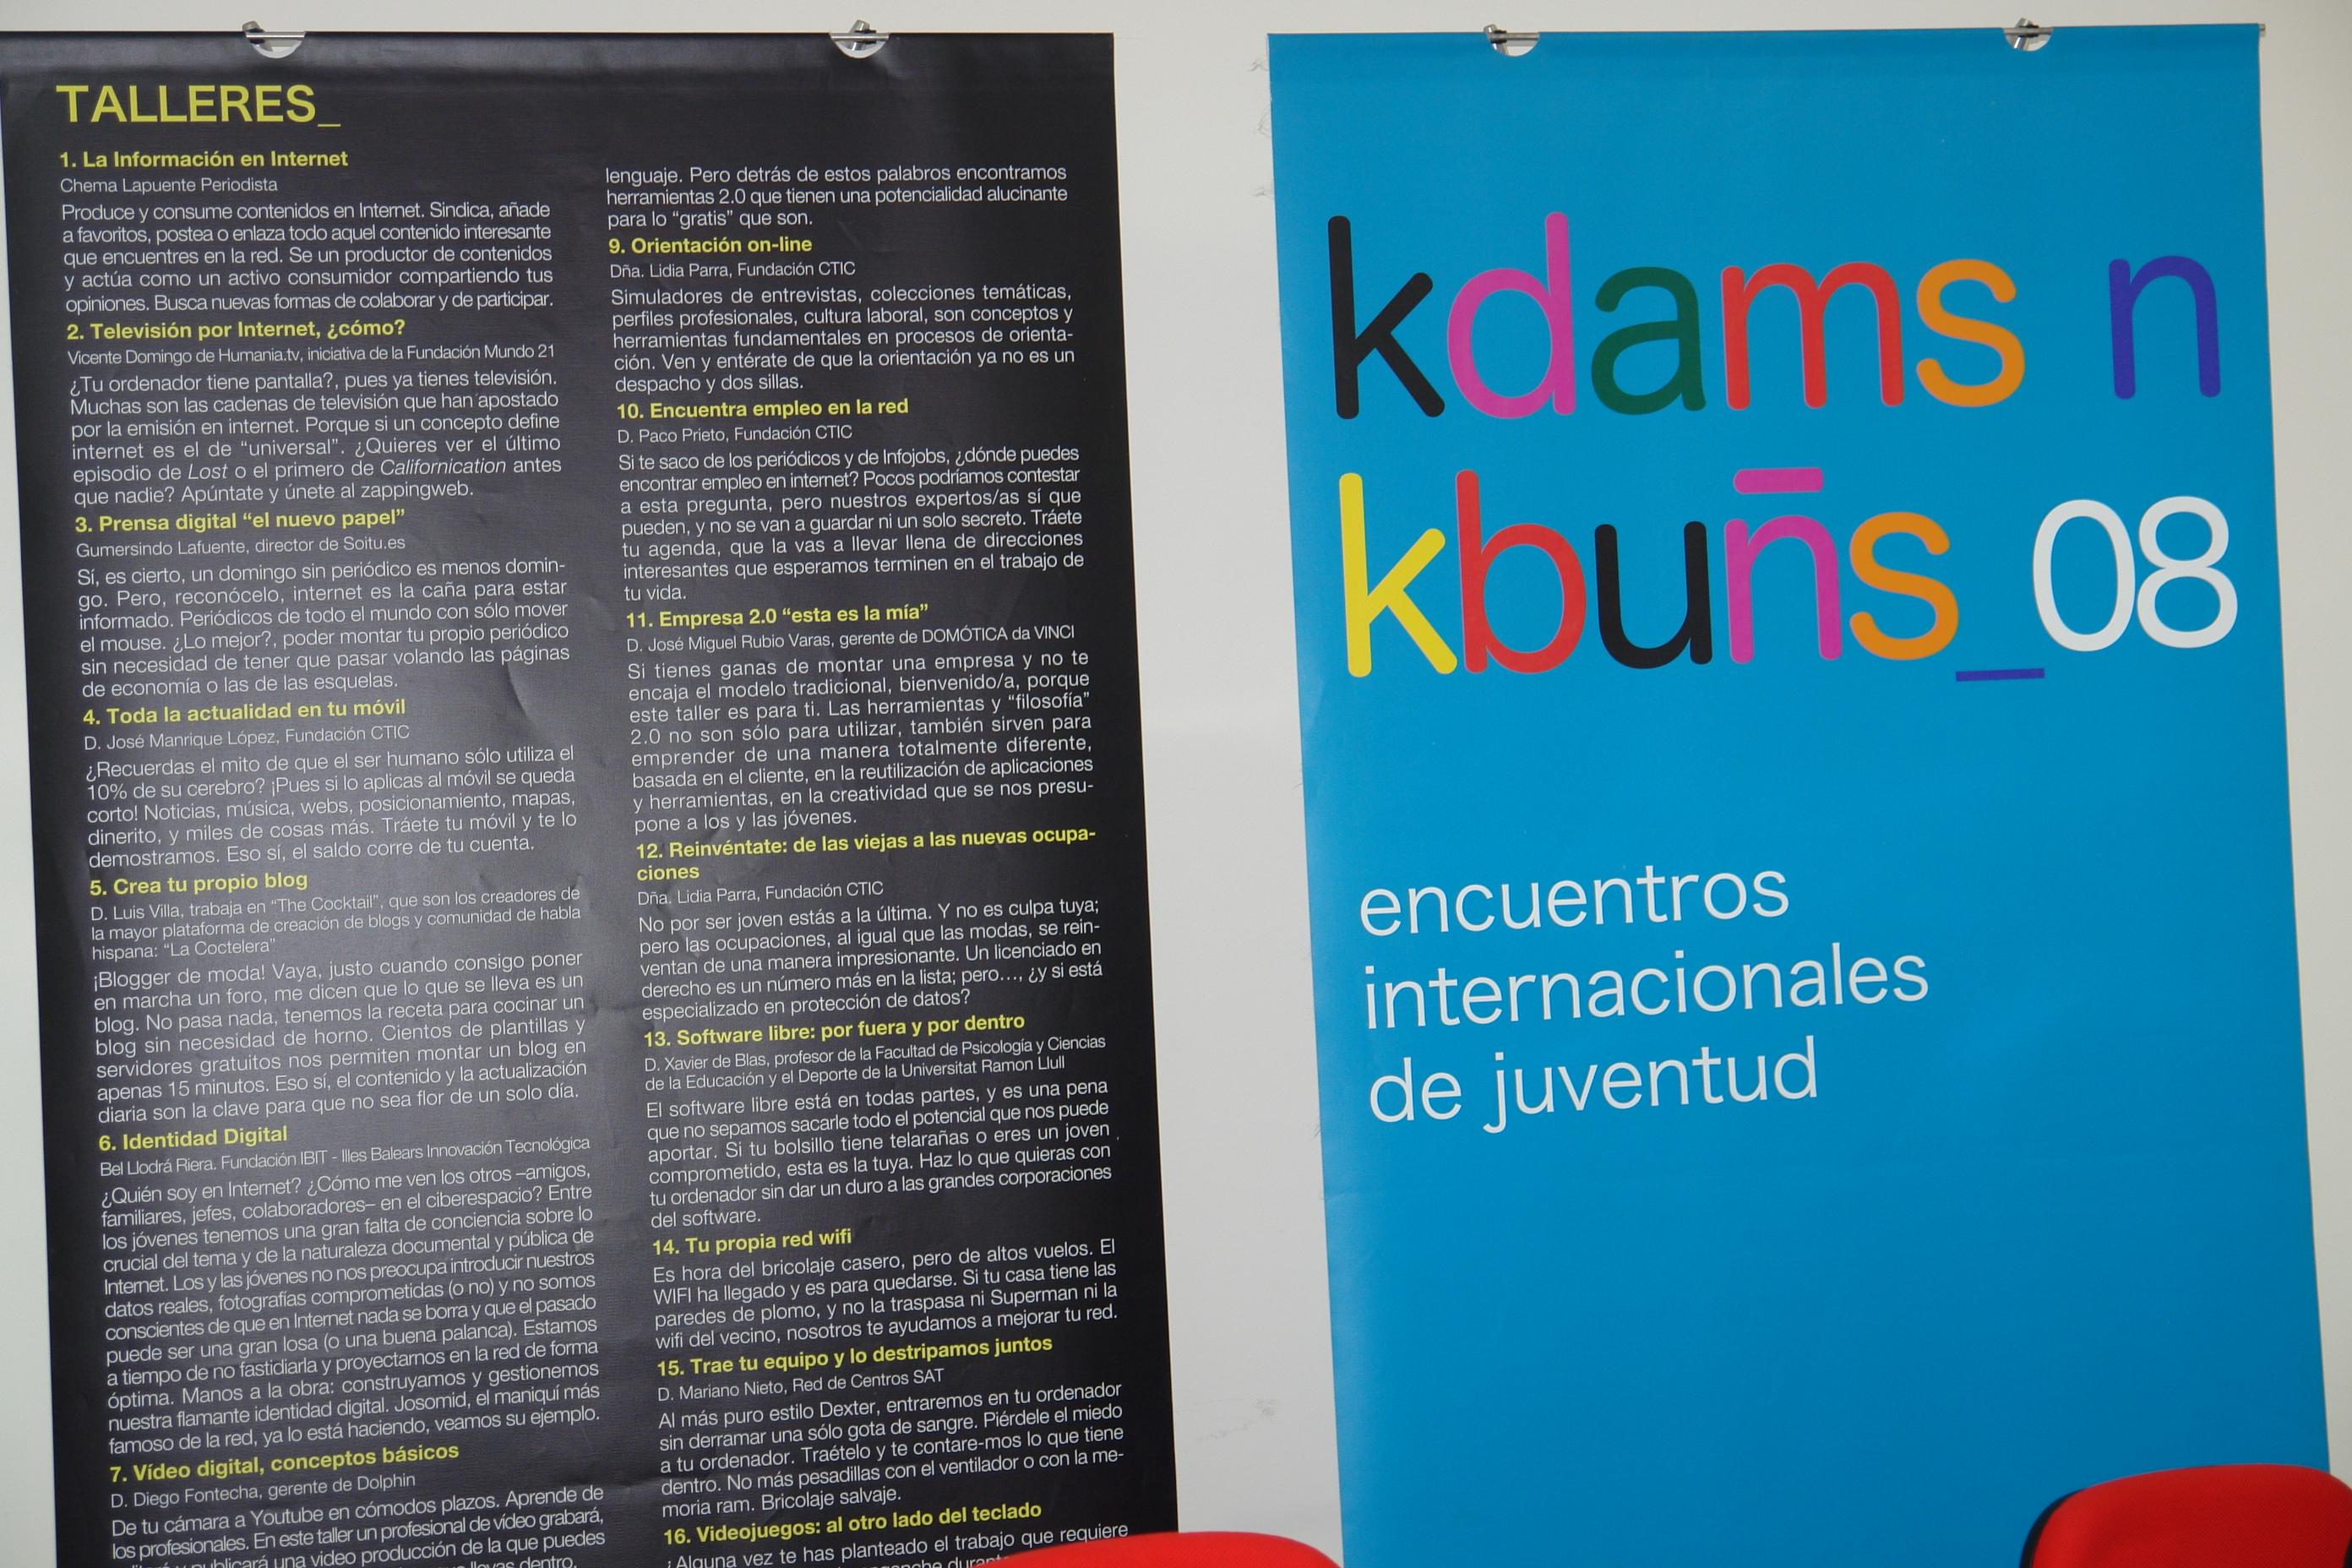 Cartel con los Talleres TIC - Kdams n Kbuns 08 !!!